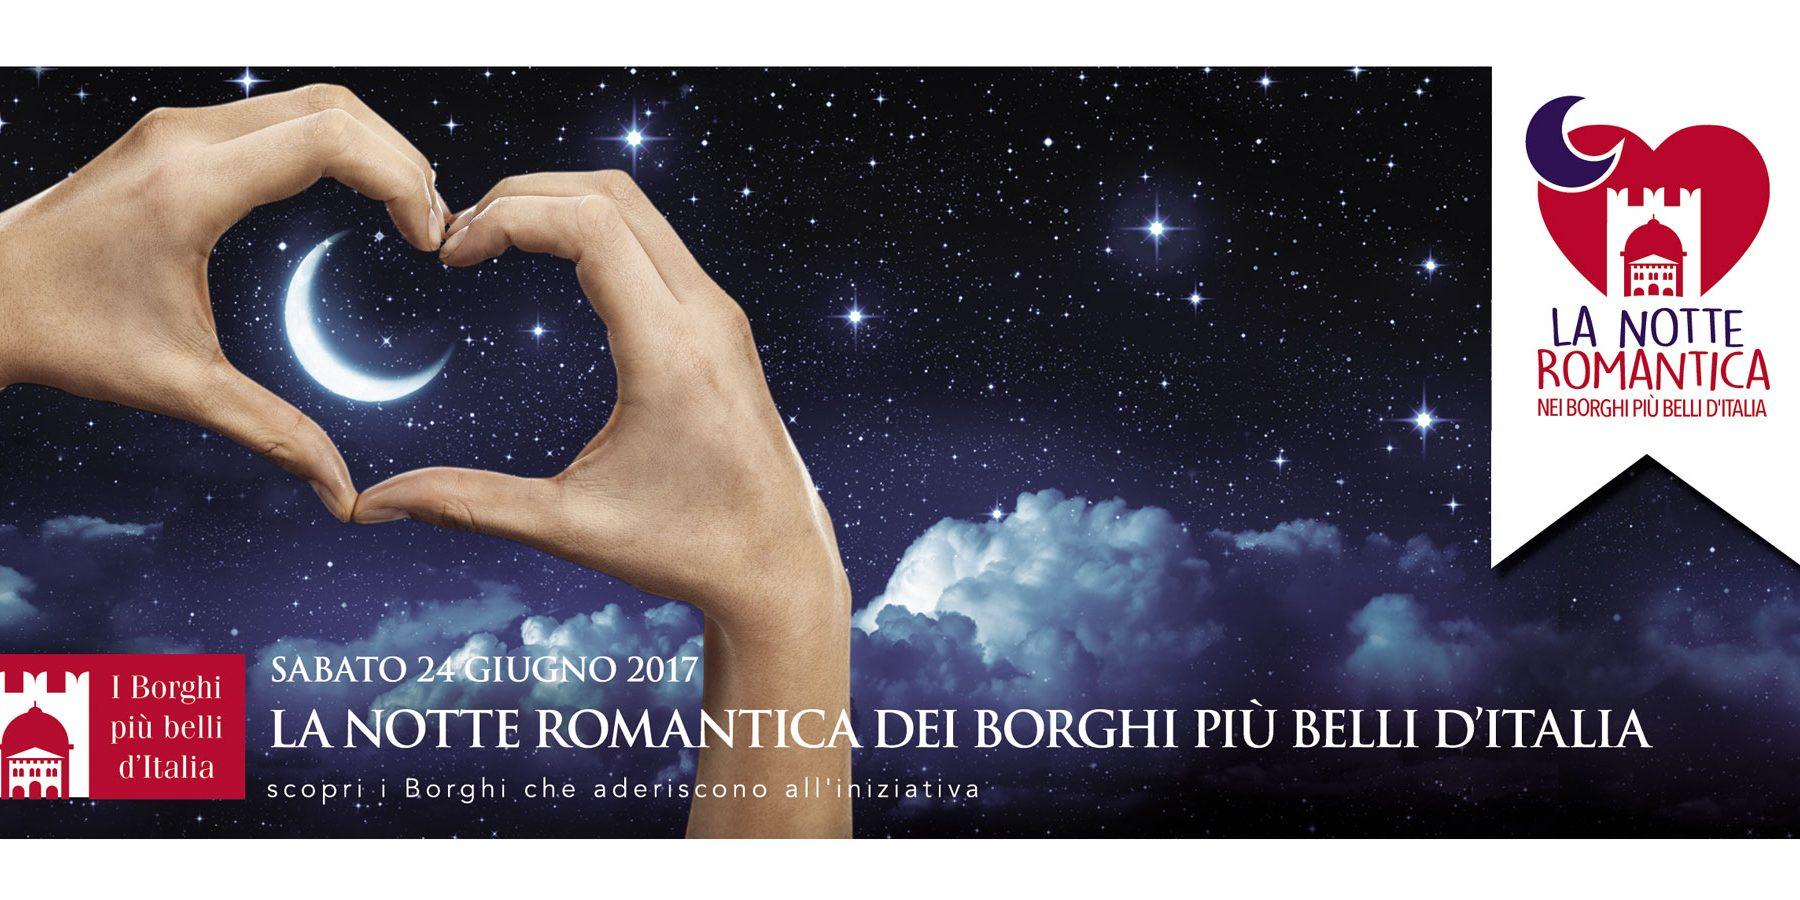 Notte Romantica nel Monastero di Matilde